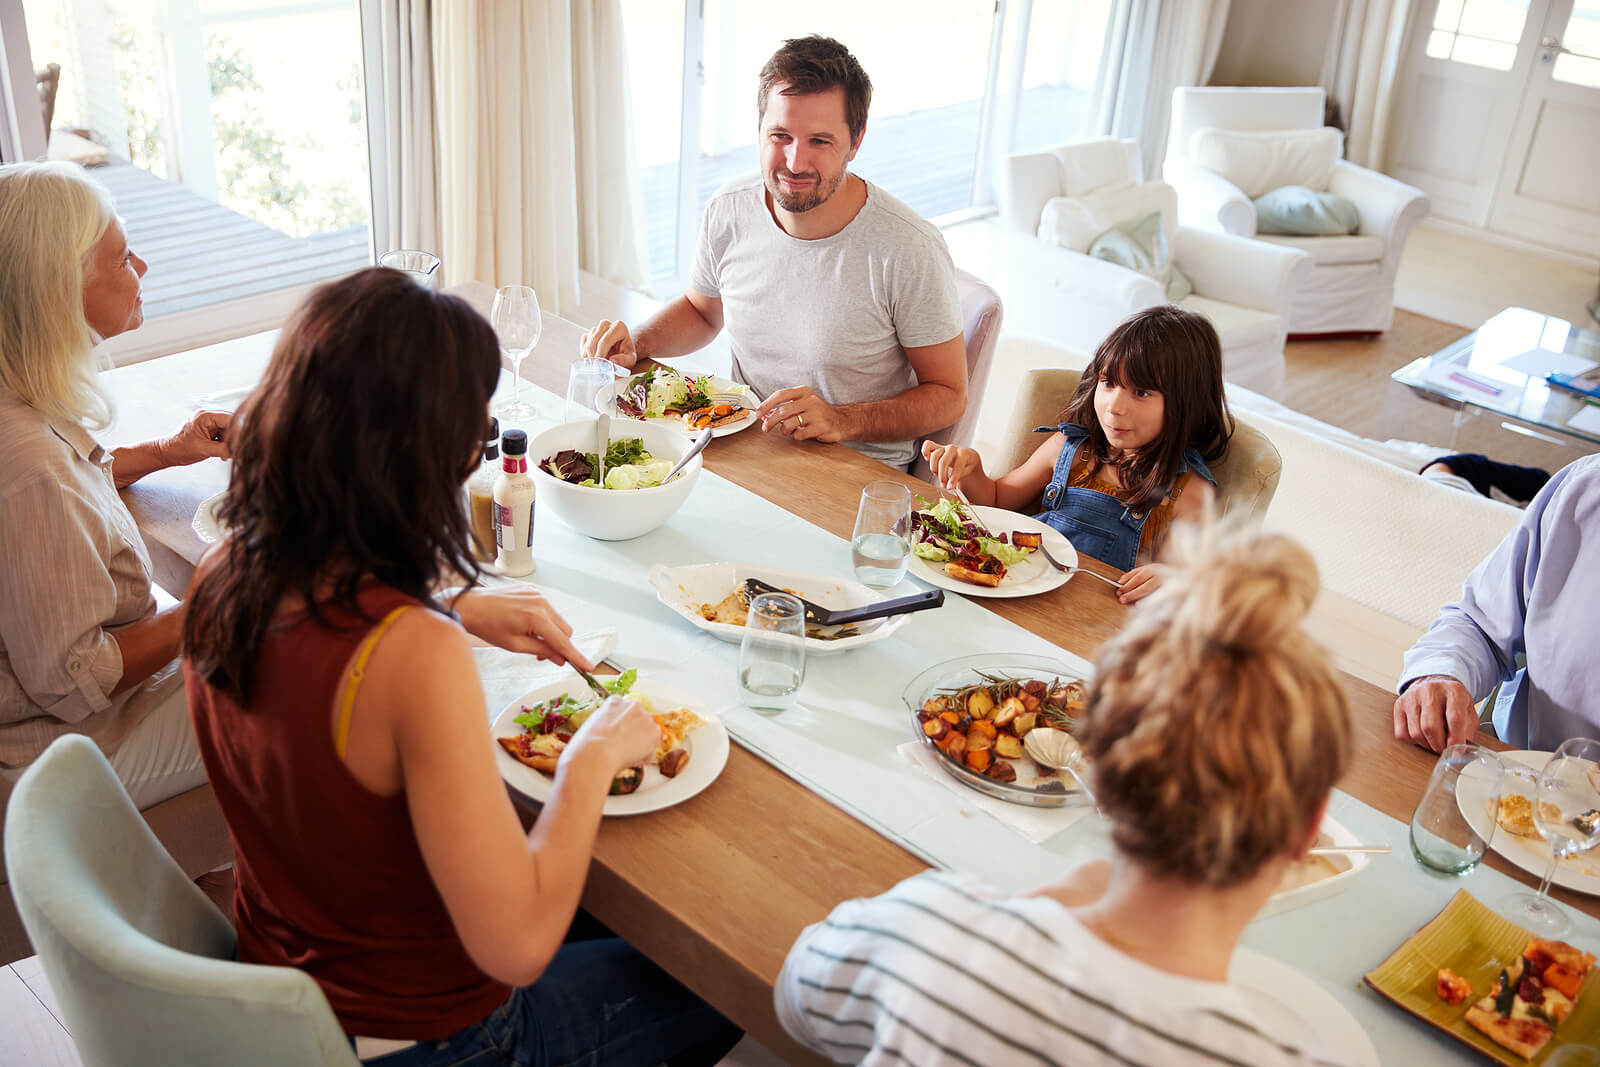 Familia cenando en la mesa.